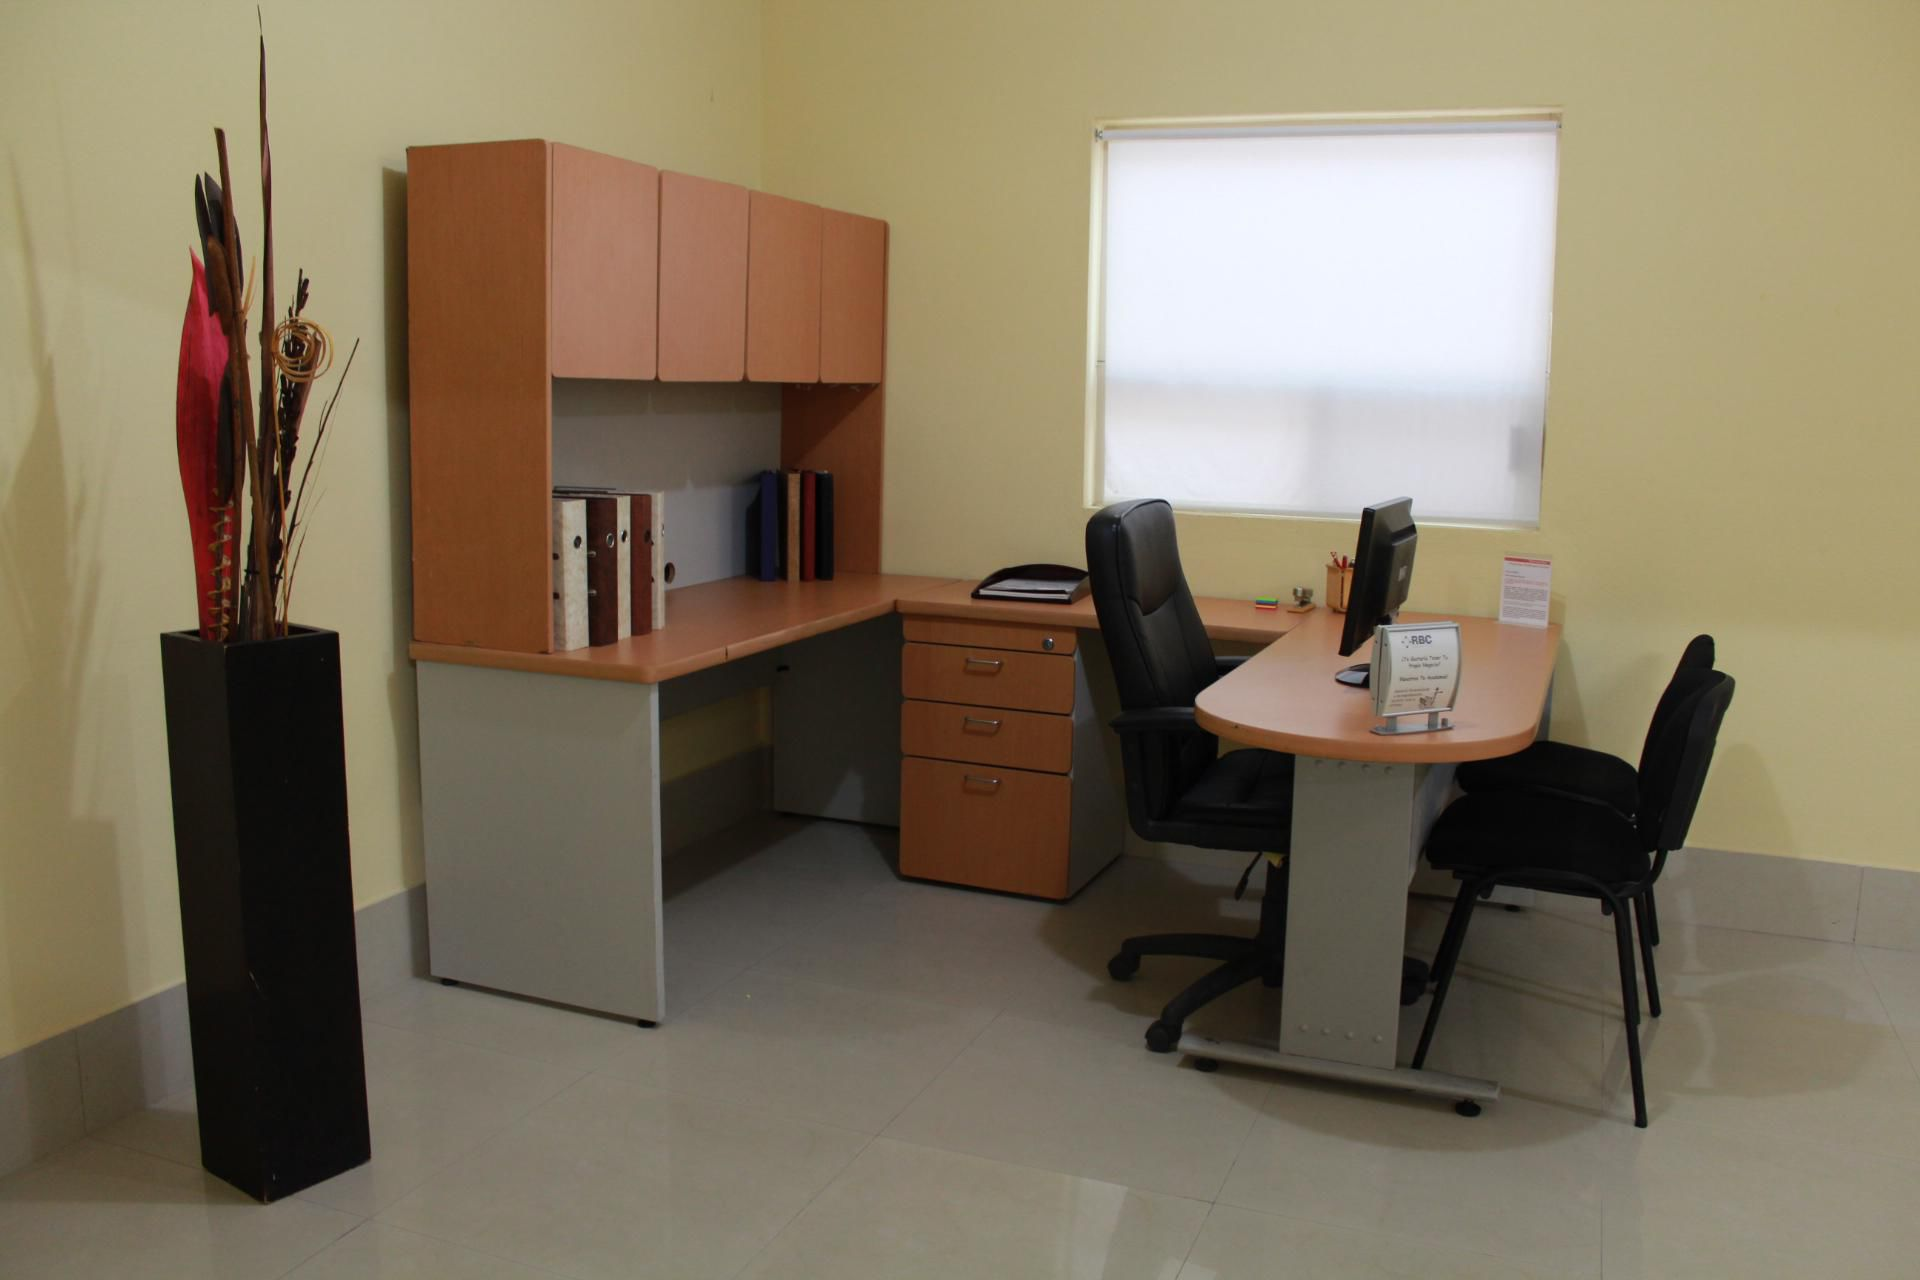 Renta de oficinas modulares estaciones de trabajo for Estacion de trabajo